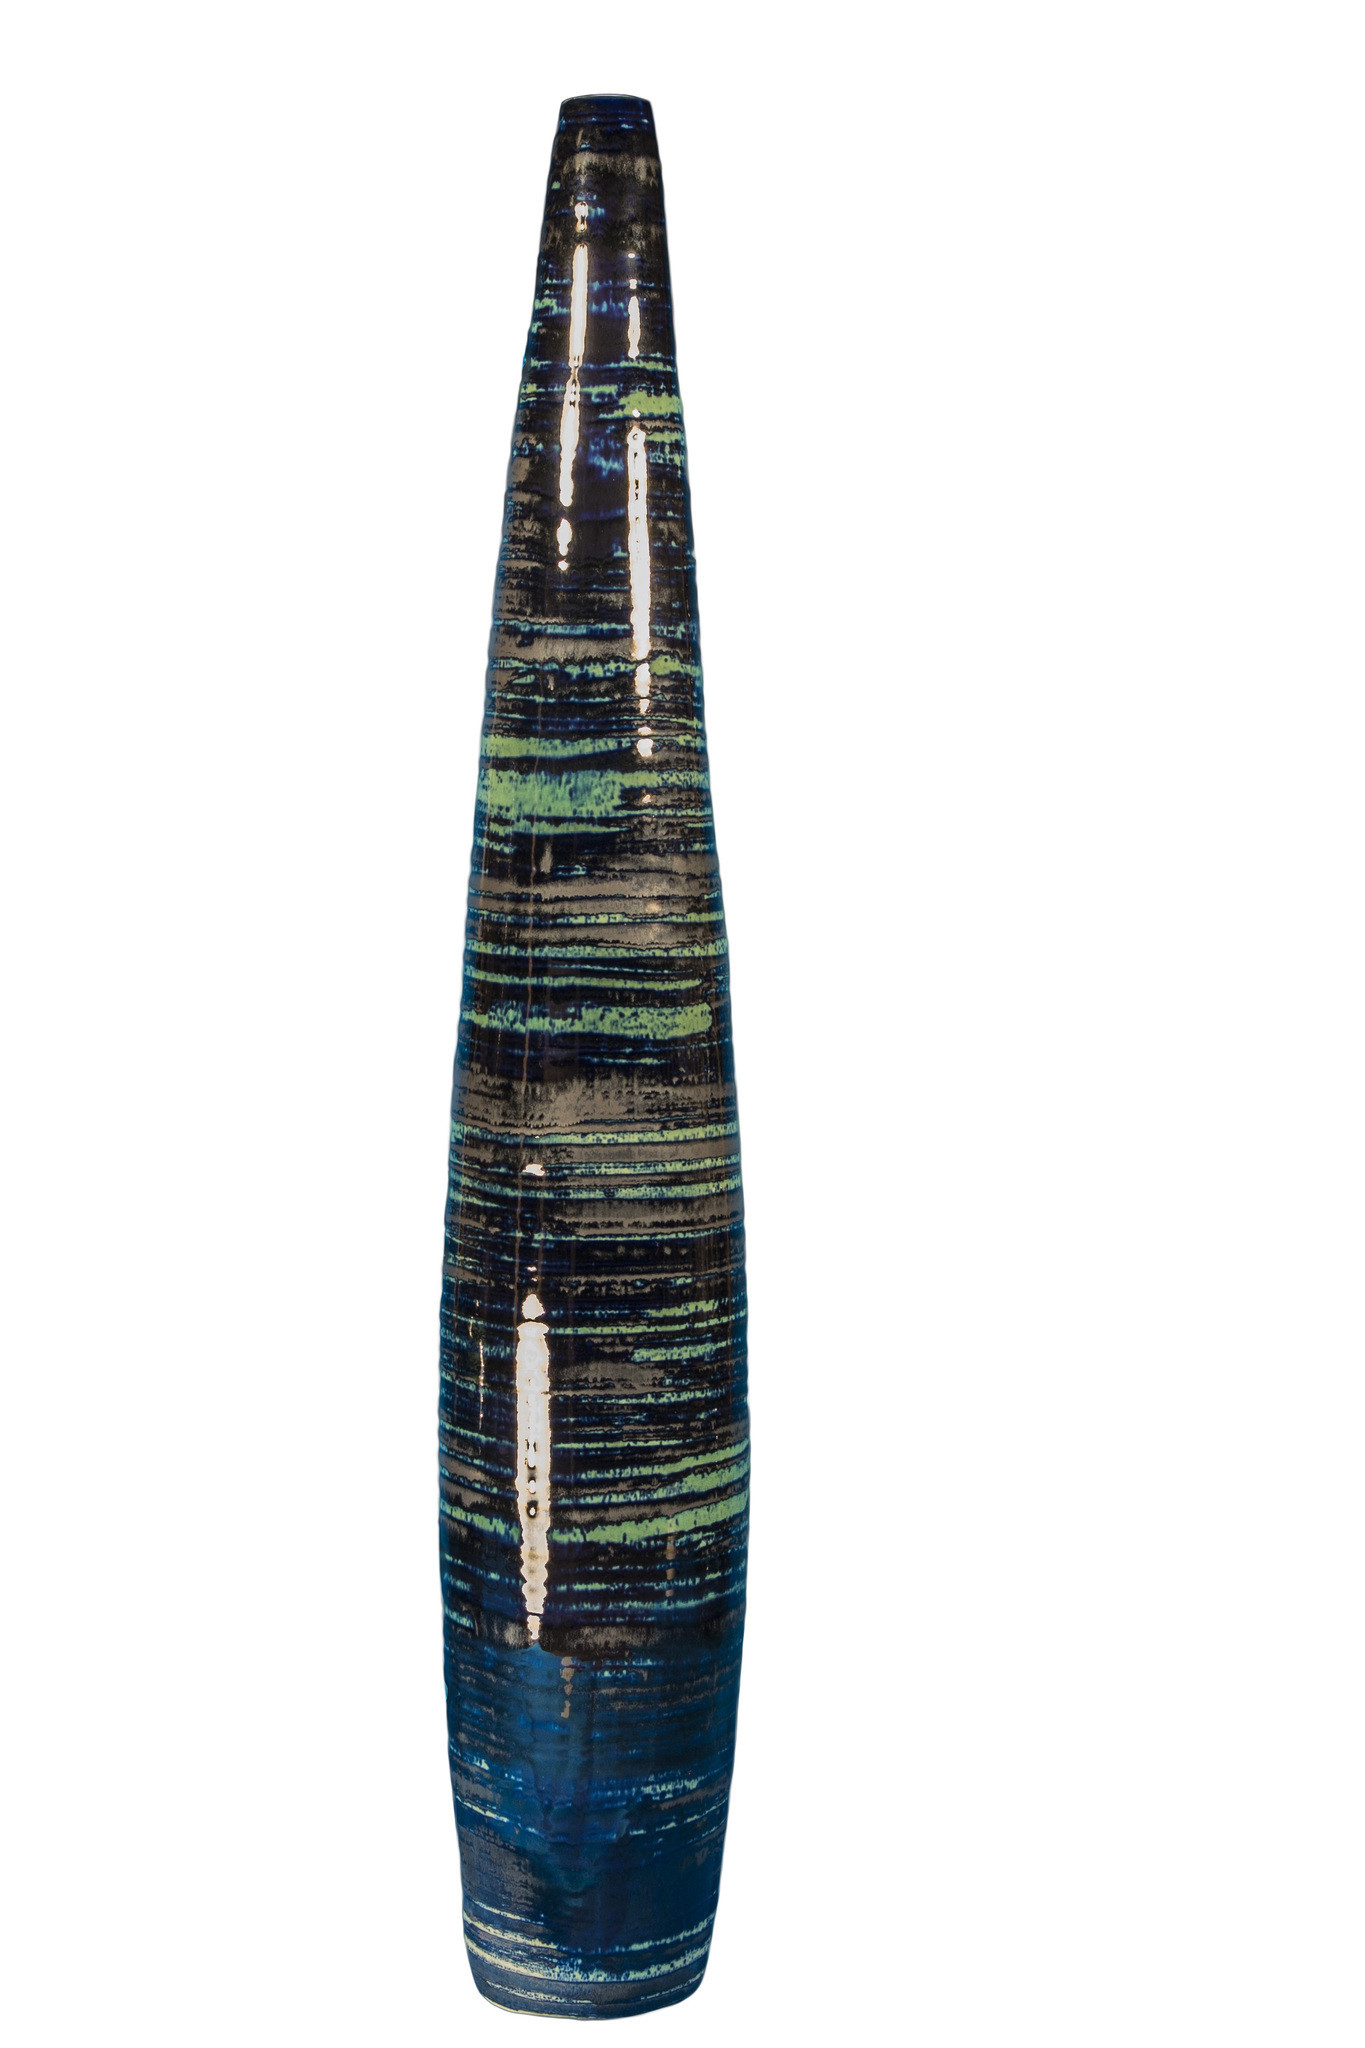 Вазы настольные Элитная ваза декоративная Maelstrom высокая от S. Bernardo vaza-dekorativnaya-vysokaya-maelstrom-ot-s-bernardo-iz-portugalii.jpg